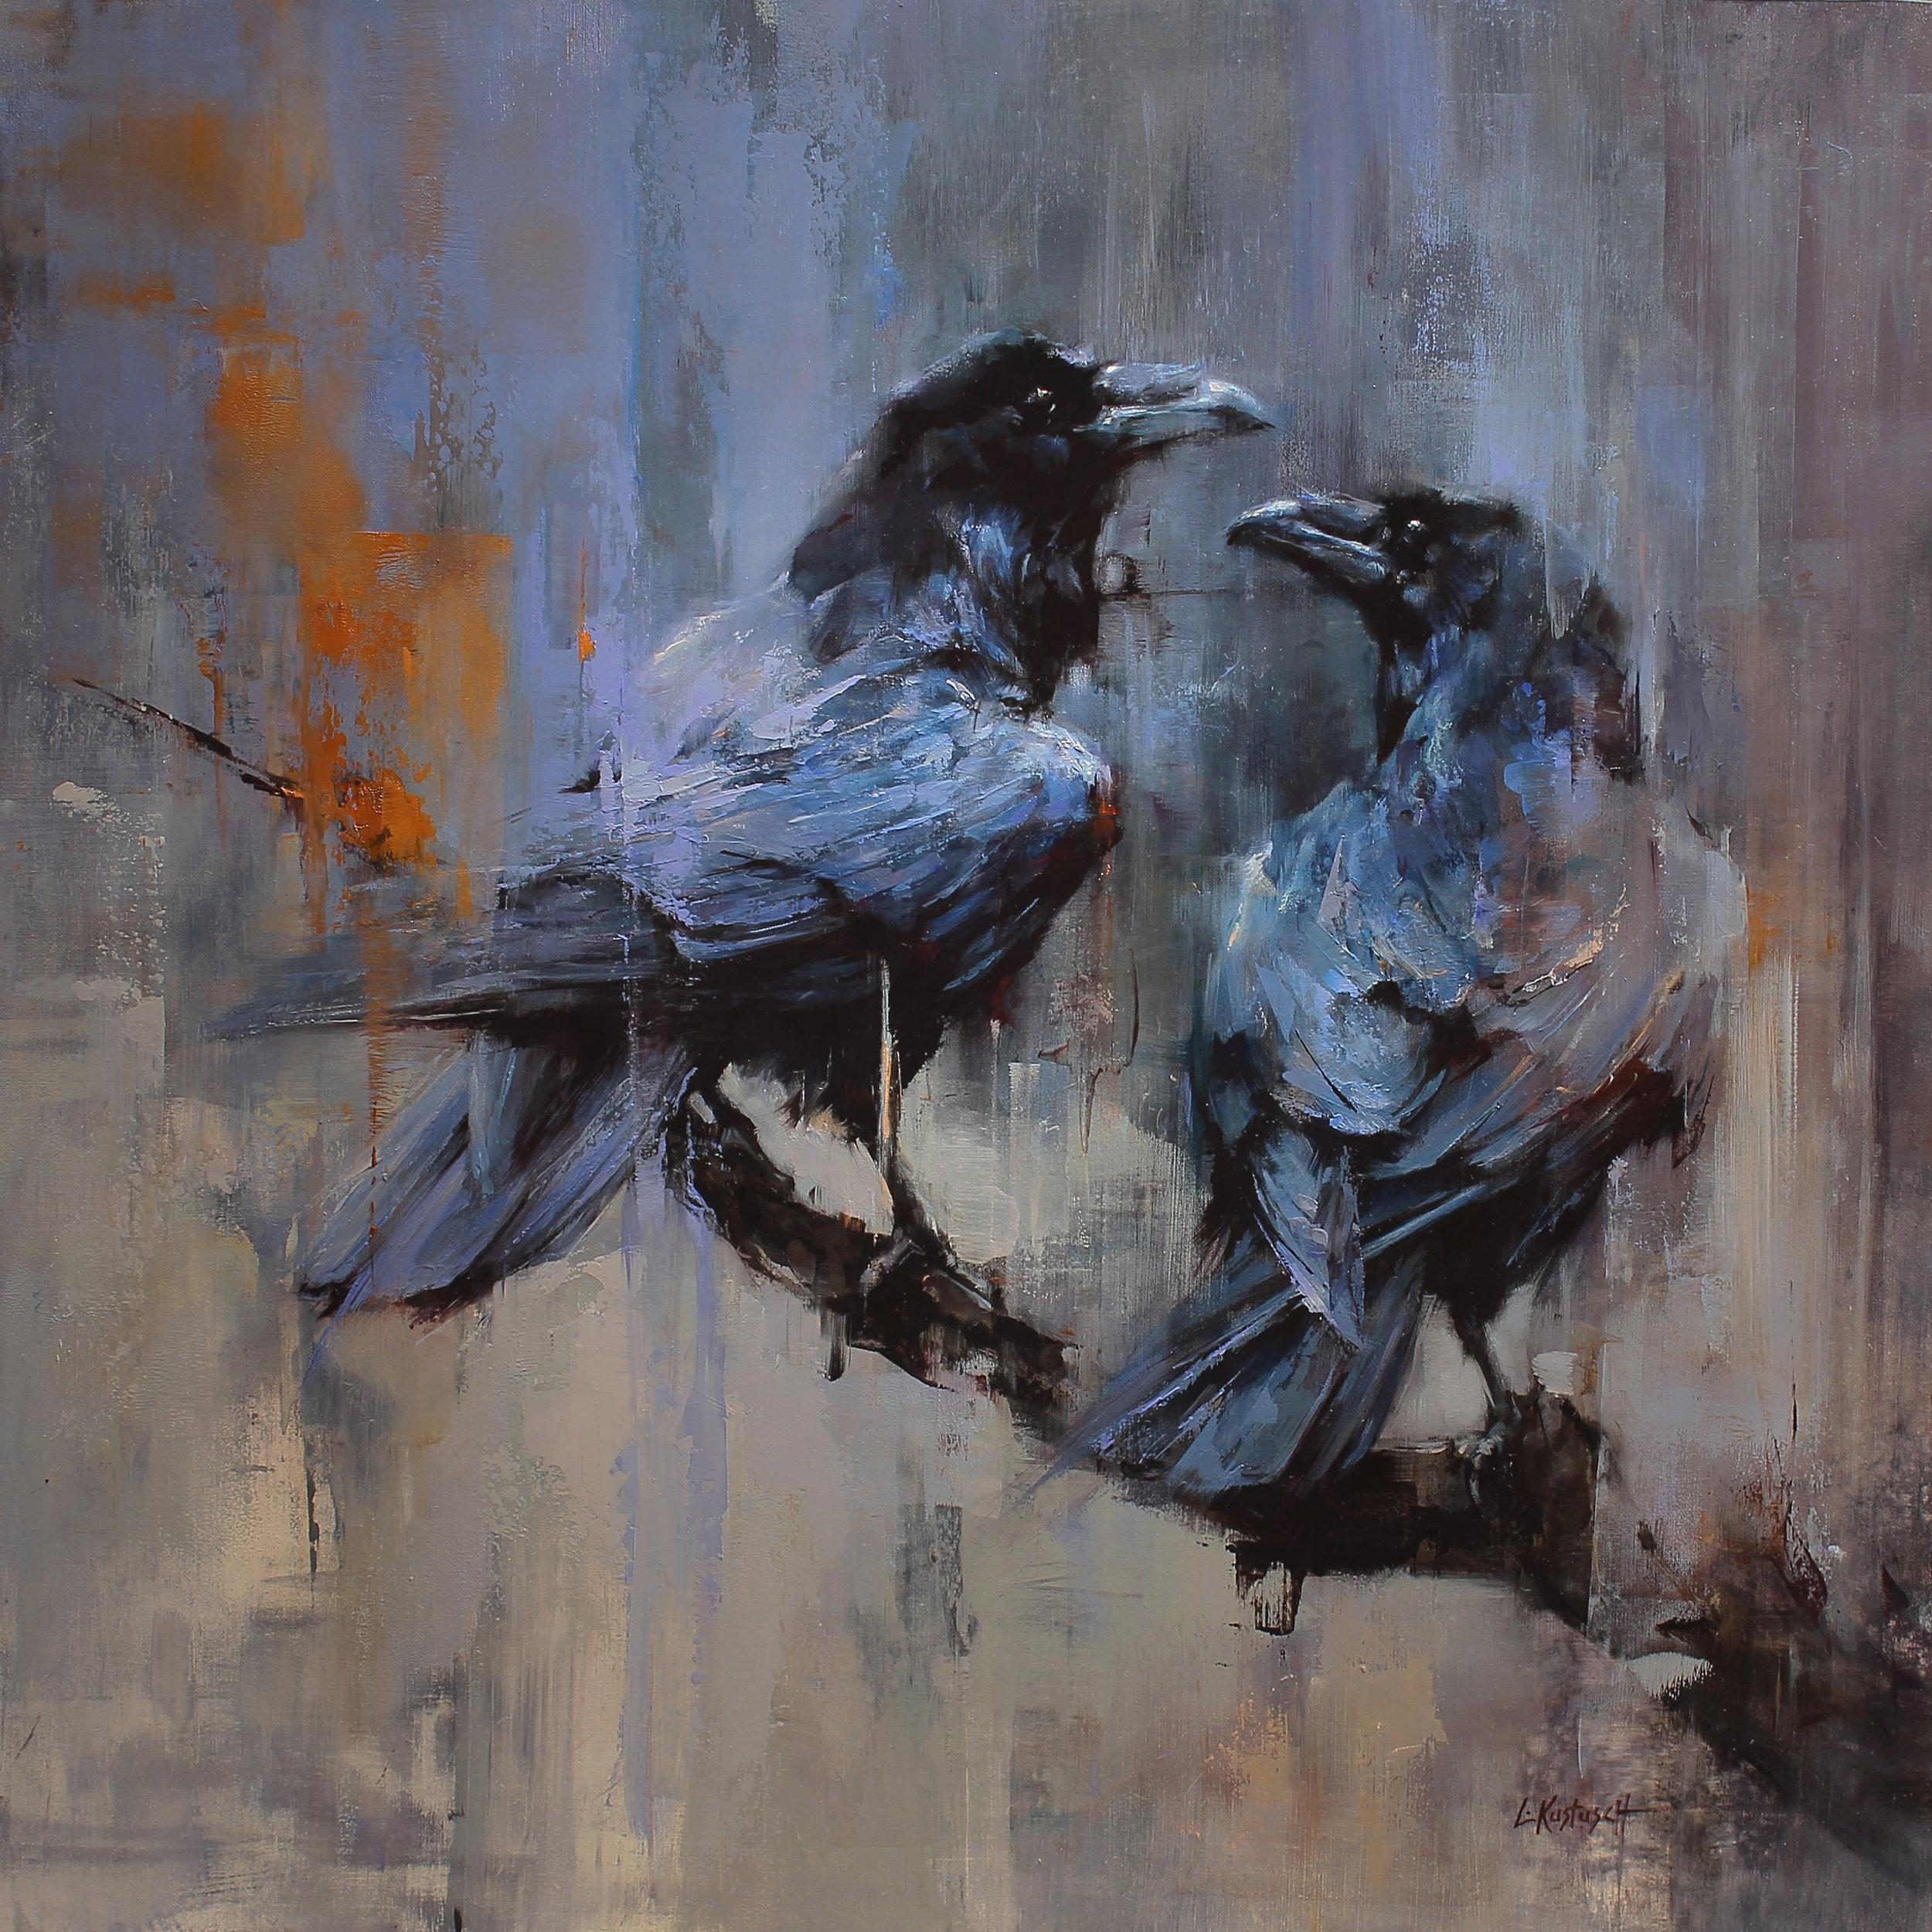 Winter's Ravens